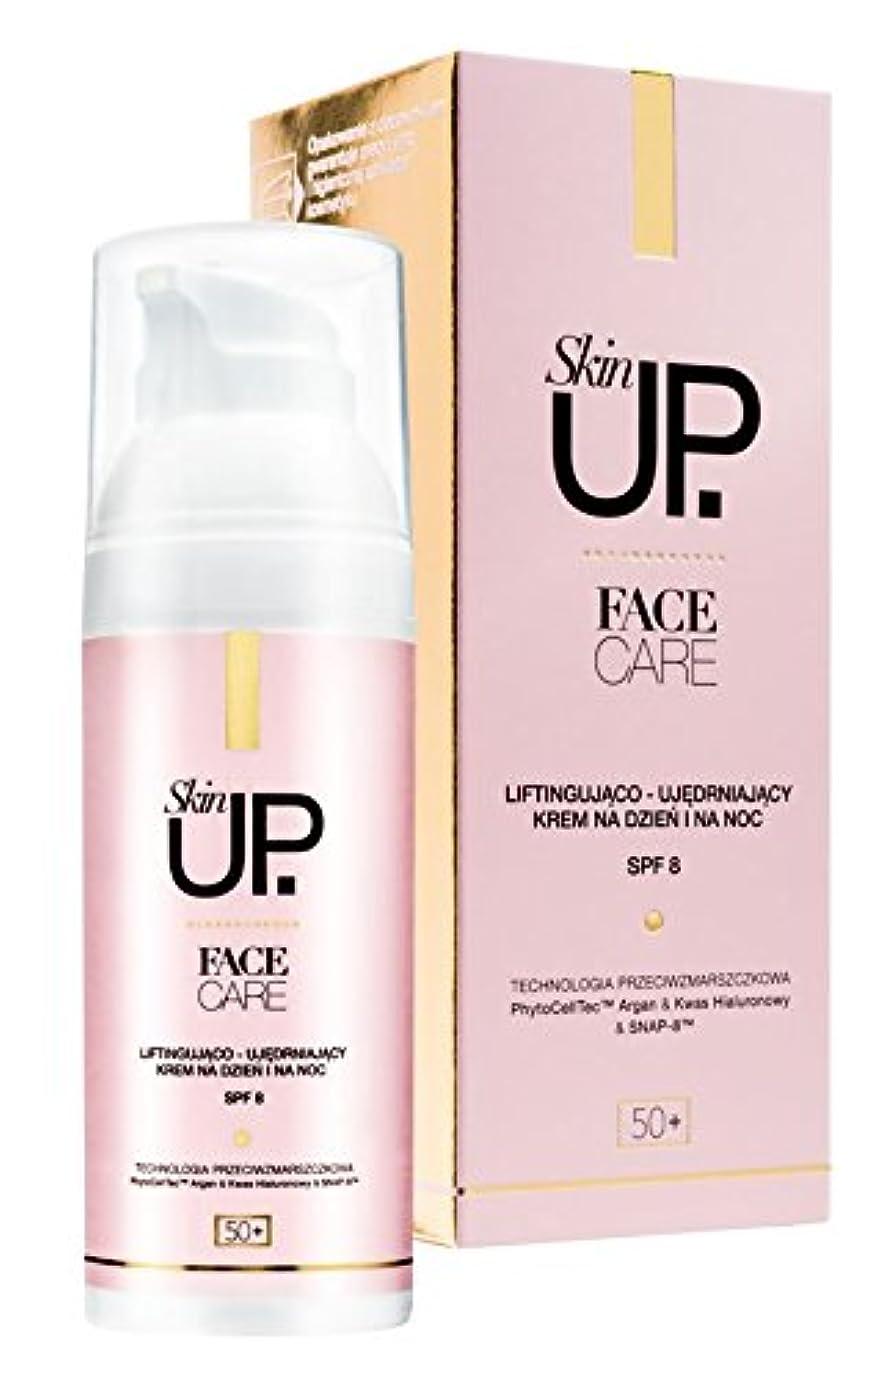 Skin UP(スキンアップ) SUフェイスクリームアドバンス 50mL 「植物幹細胞エキス+2種のヒアルロン酸+SNAP-8」配合 ベタつかない高保湿クリーム